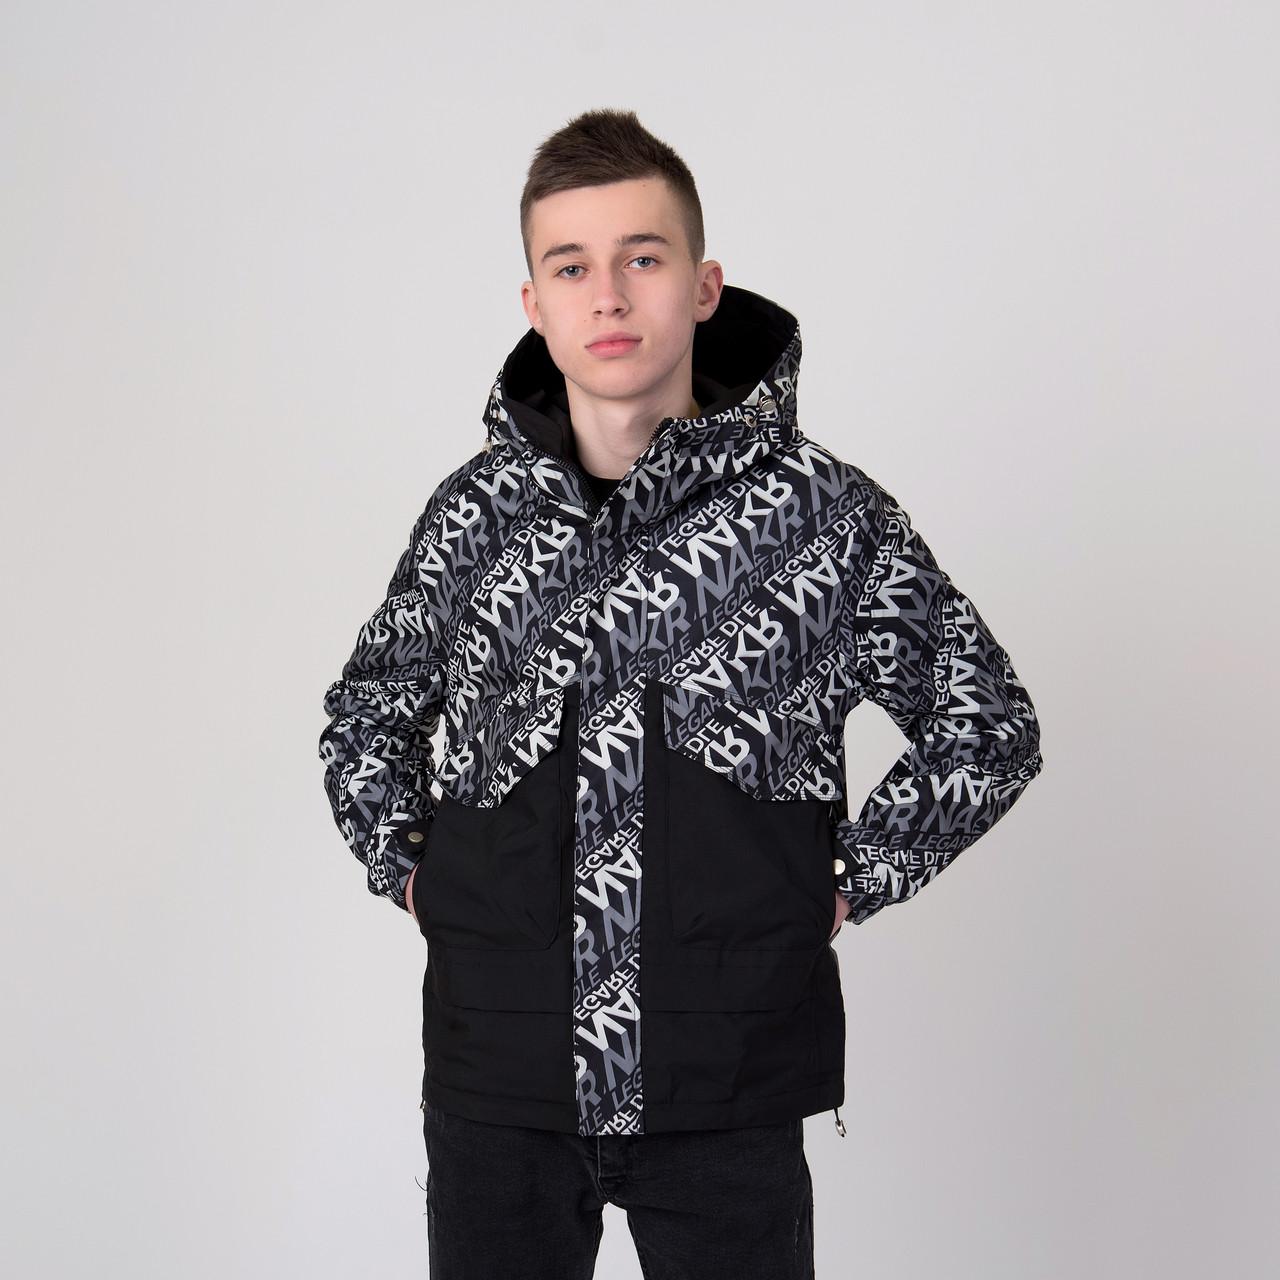 Чоловіча демісезонна куртка, чорно-білого кольору